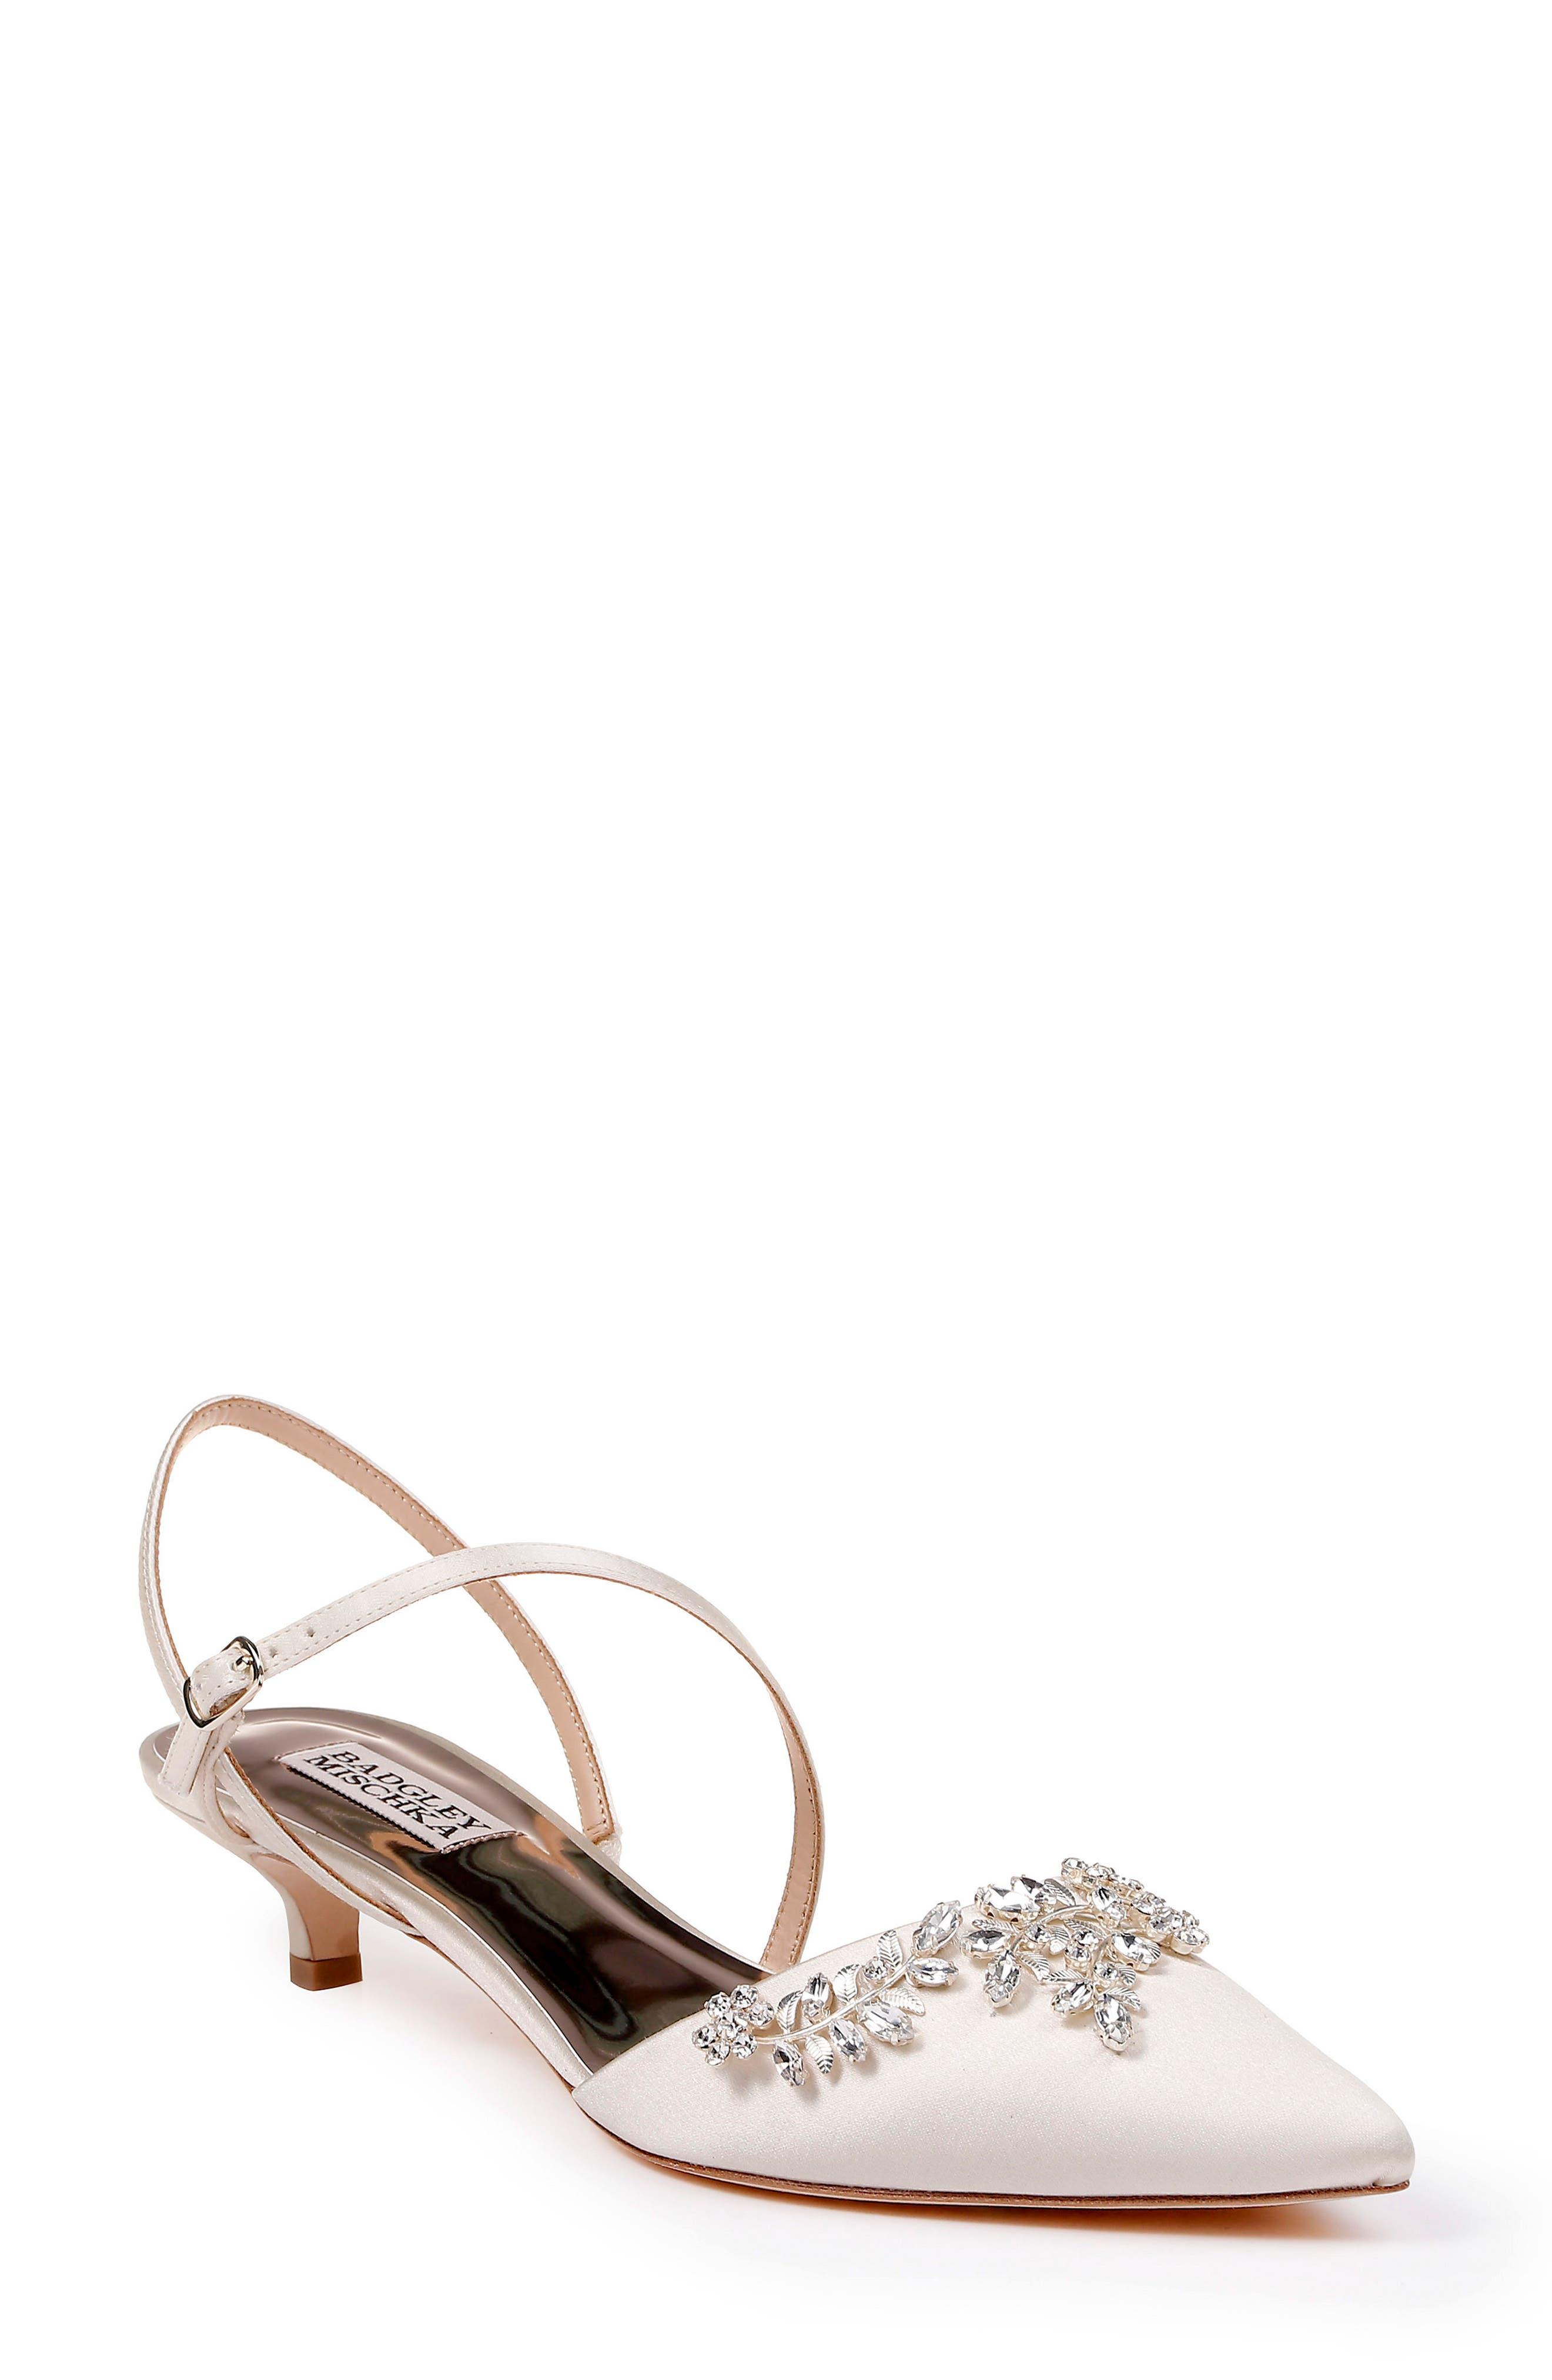 Badgley Mischka Crystal Embellished Quarter Strap Pump, Ivory